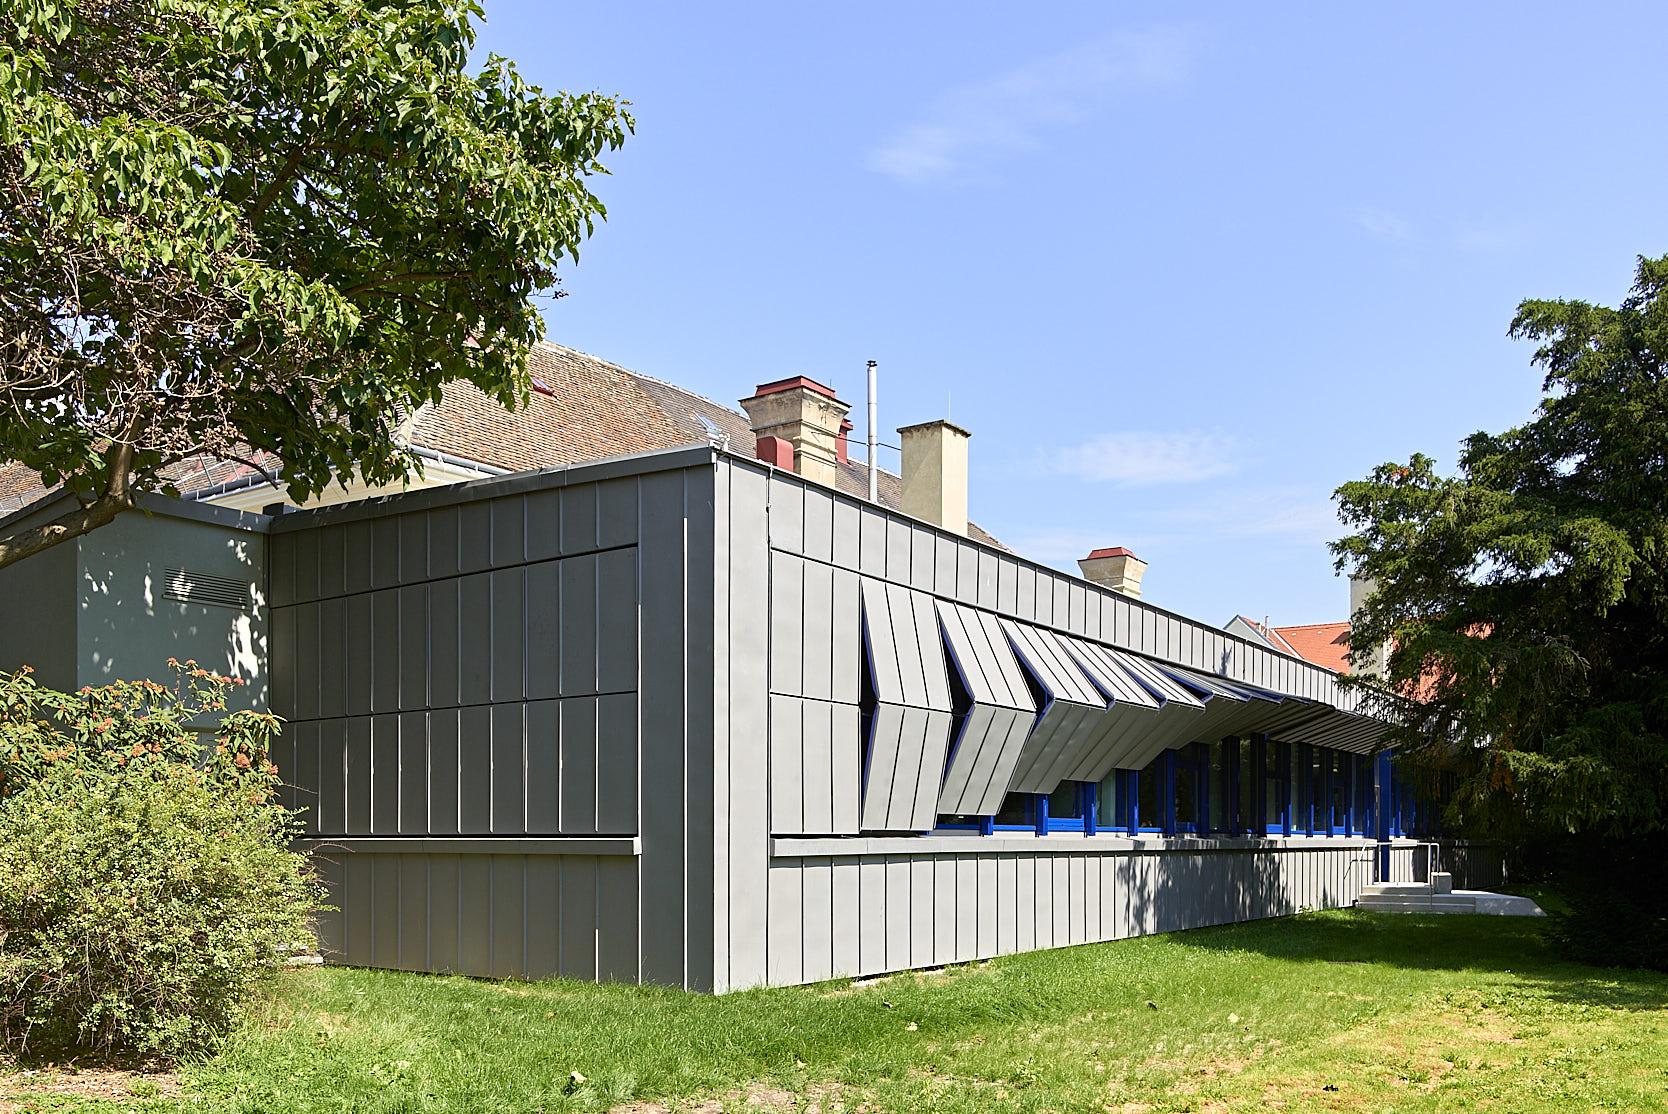 Brennhalle Wiener Porzellanmanufaktur Augarten: Sunshades